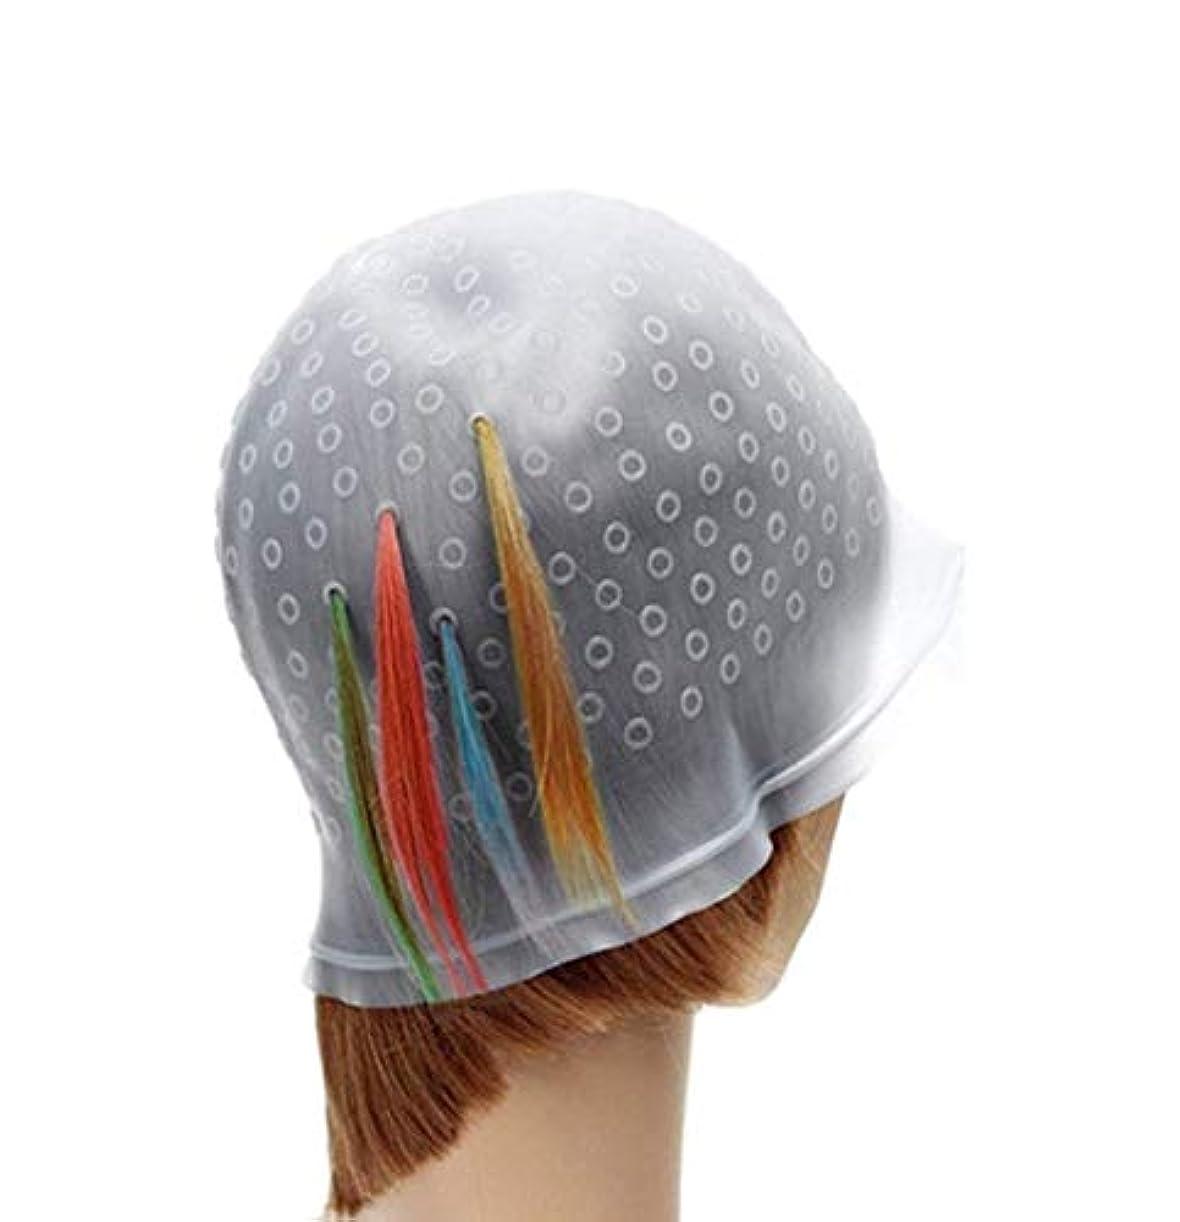 360MALL 洗って使える 毛染め ヘアカラー メッシュ 用 シリコン ヘア キャップ 穴あけポンチ シリコン キャップ (透明)